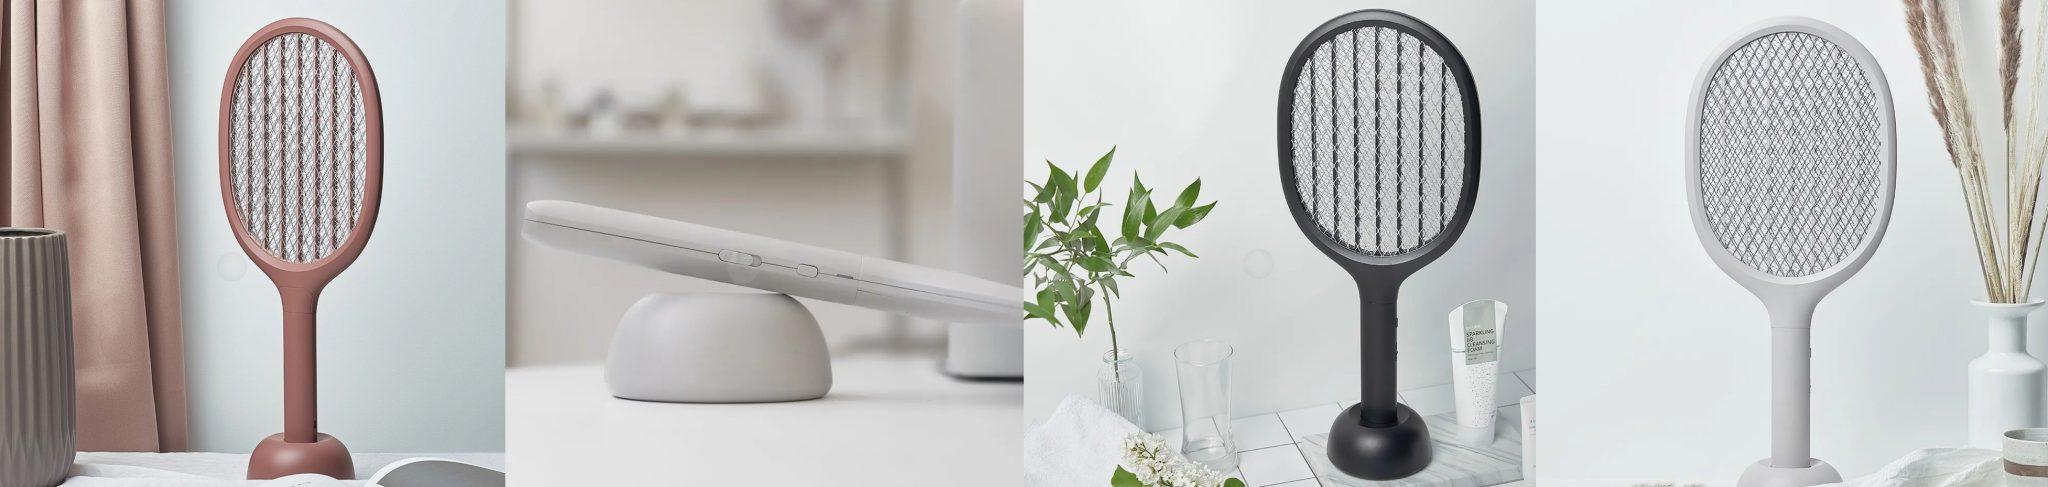 Xiaomi Solove P1 szúnyogirtó teszt 12